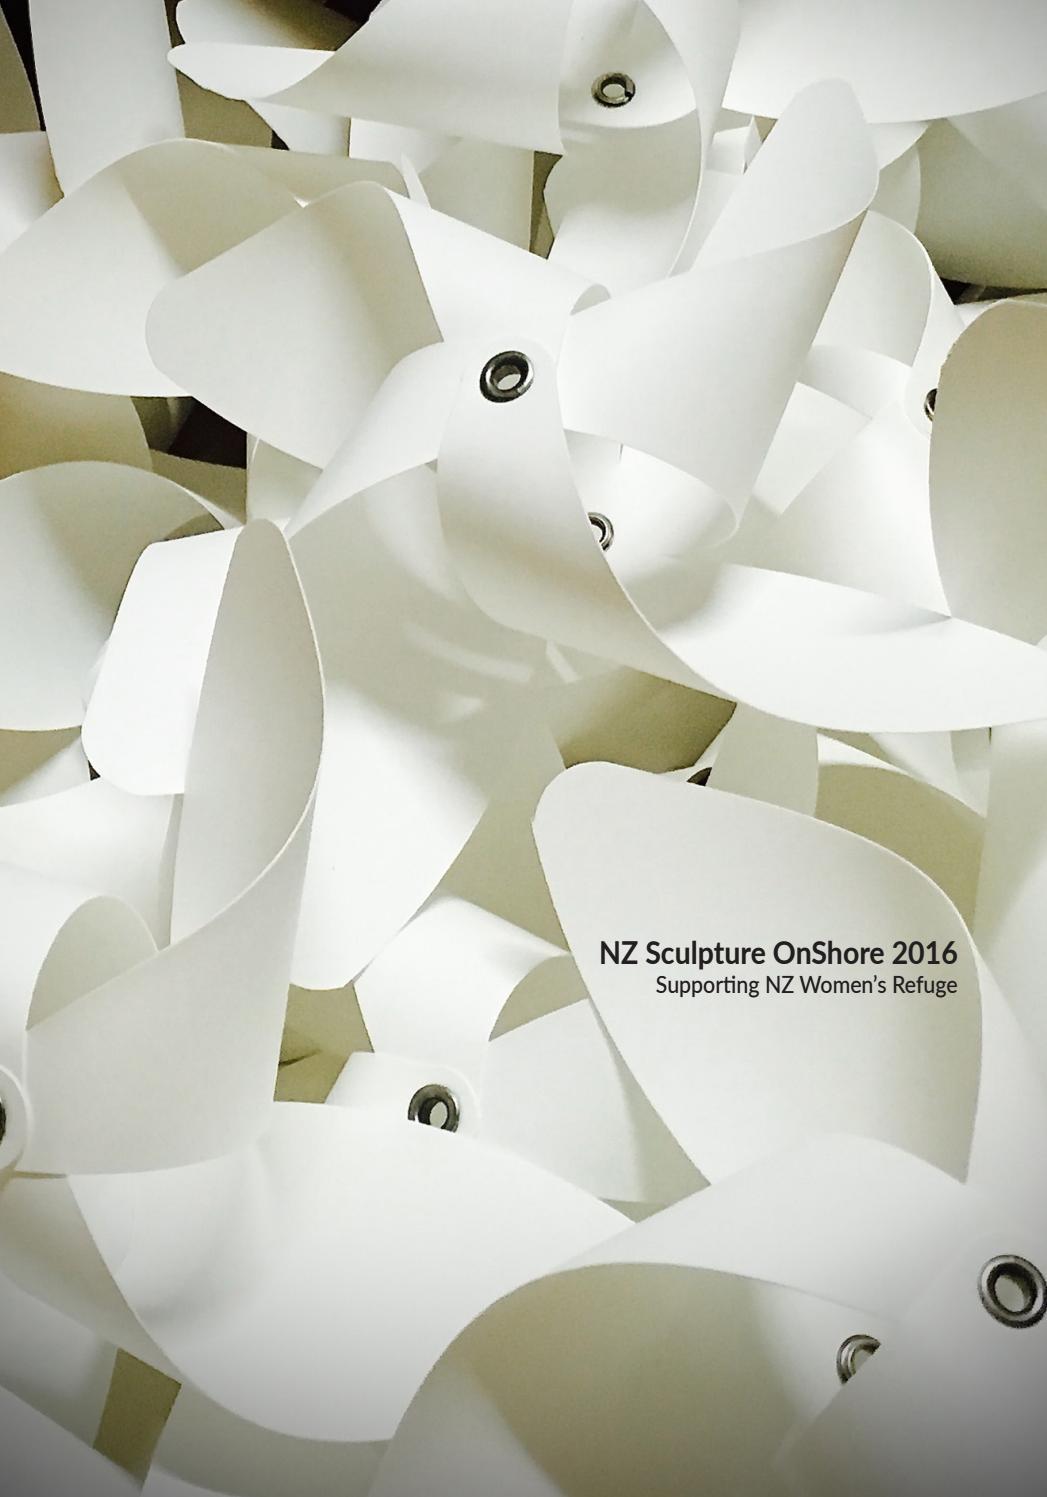 Nz Sculpture Onshore Catalogue 2016 By Benefitz Issuu